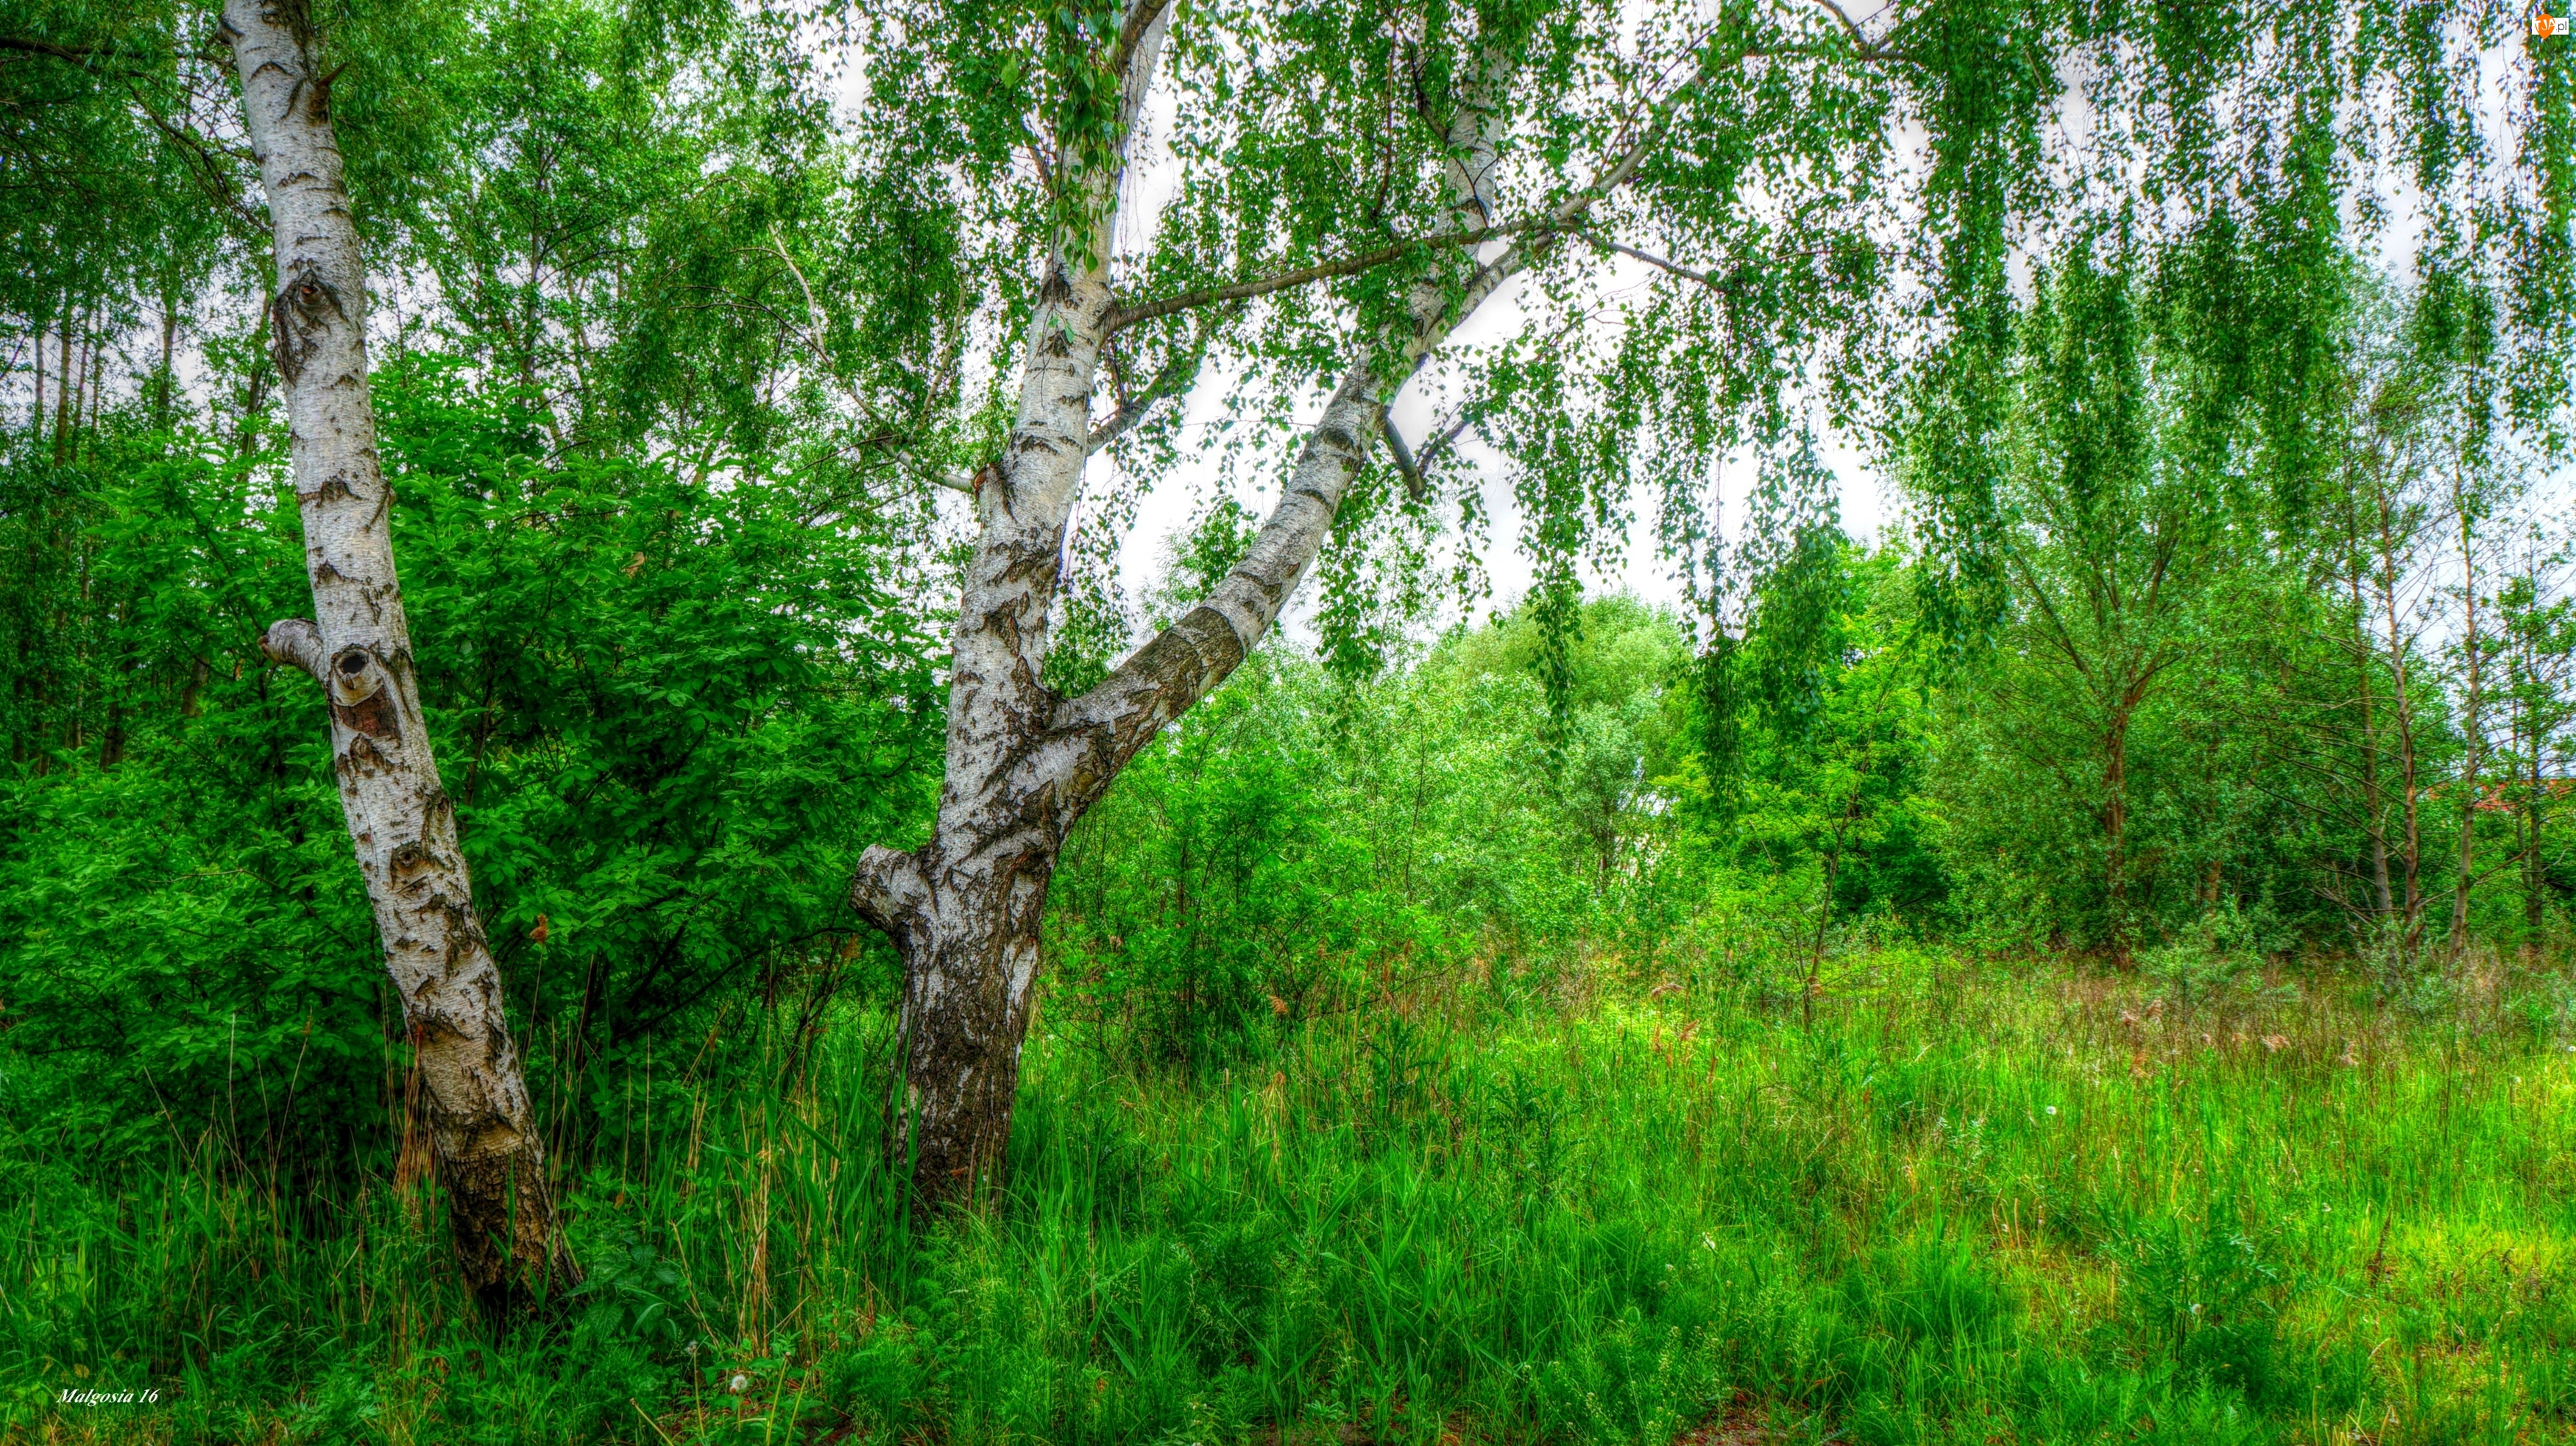 HDR, Las, Brzoza, Drzewa, Zieleń